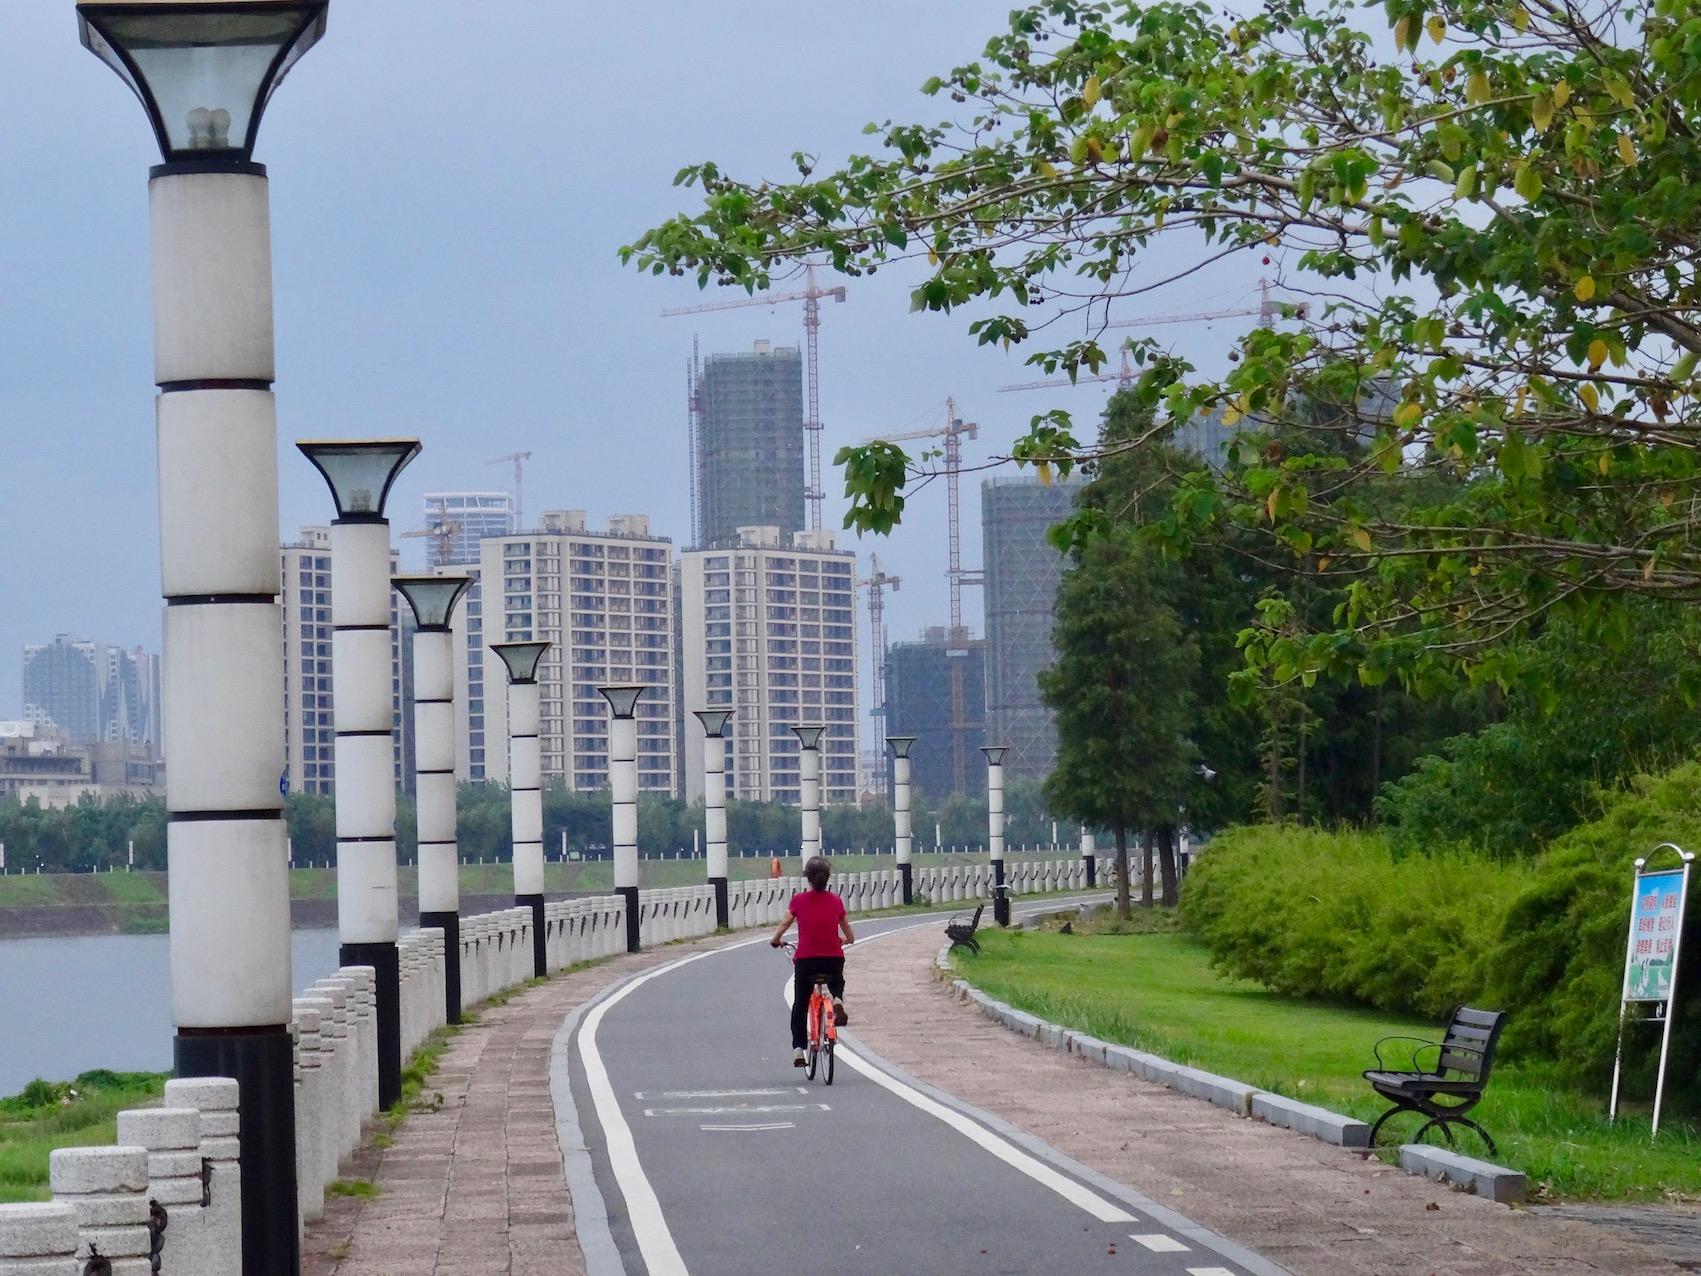 Jinhua Architecture Park Zhejiang province China